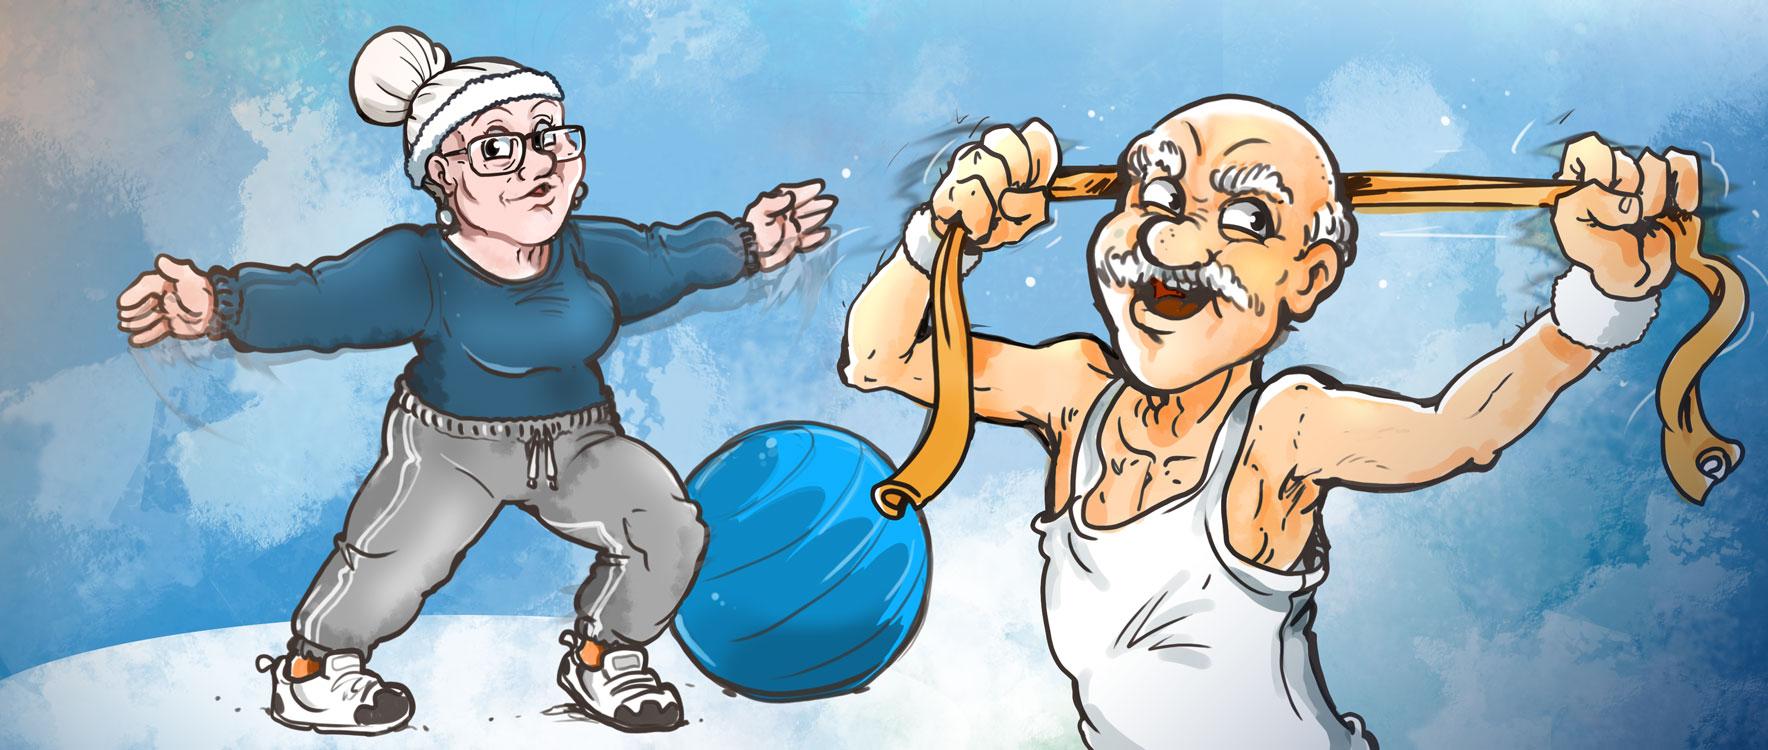 Zeichnung: Patienten Alpha-1-Antitrypsin-Mangel beim Sport